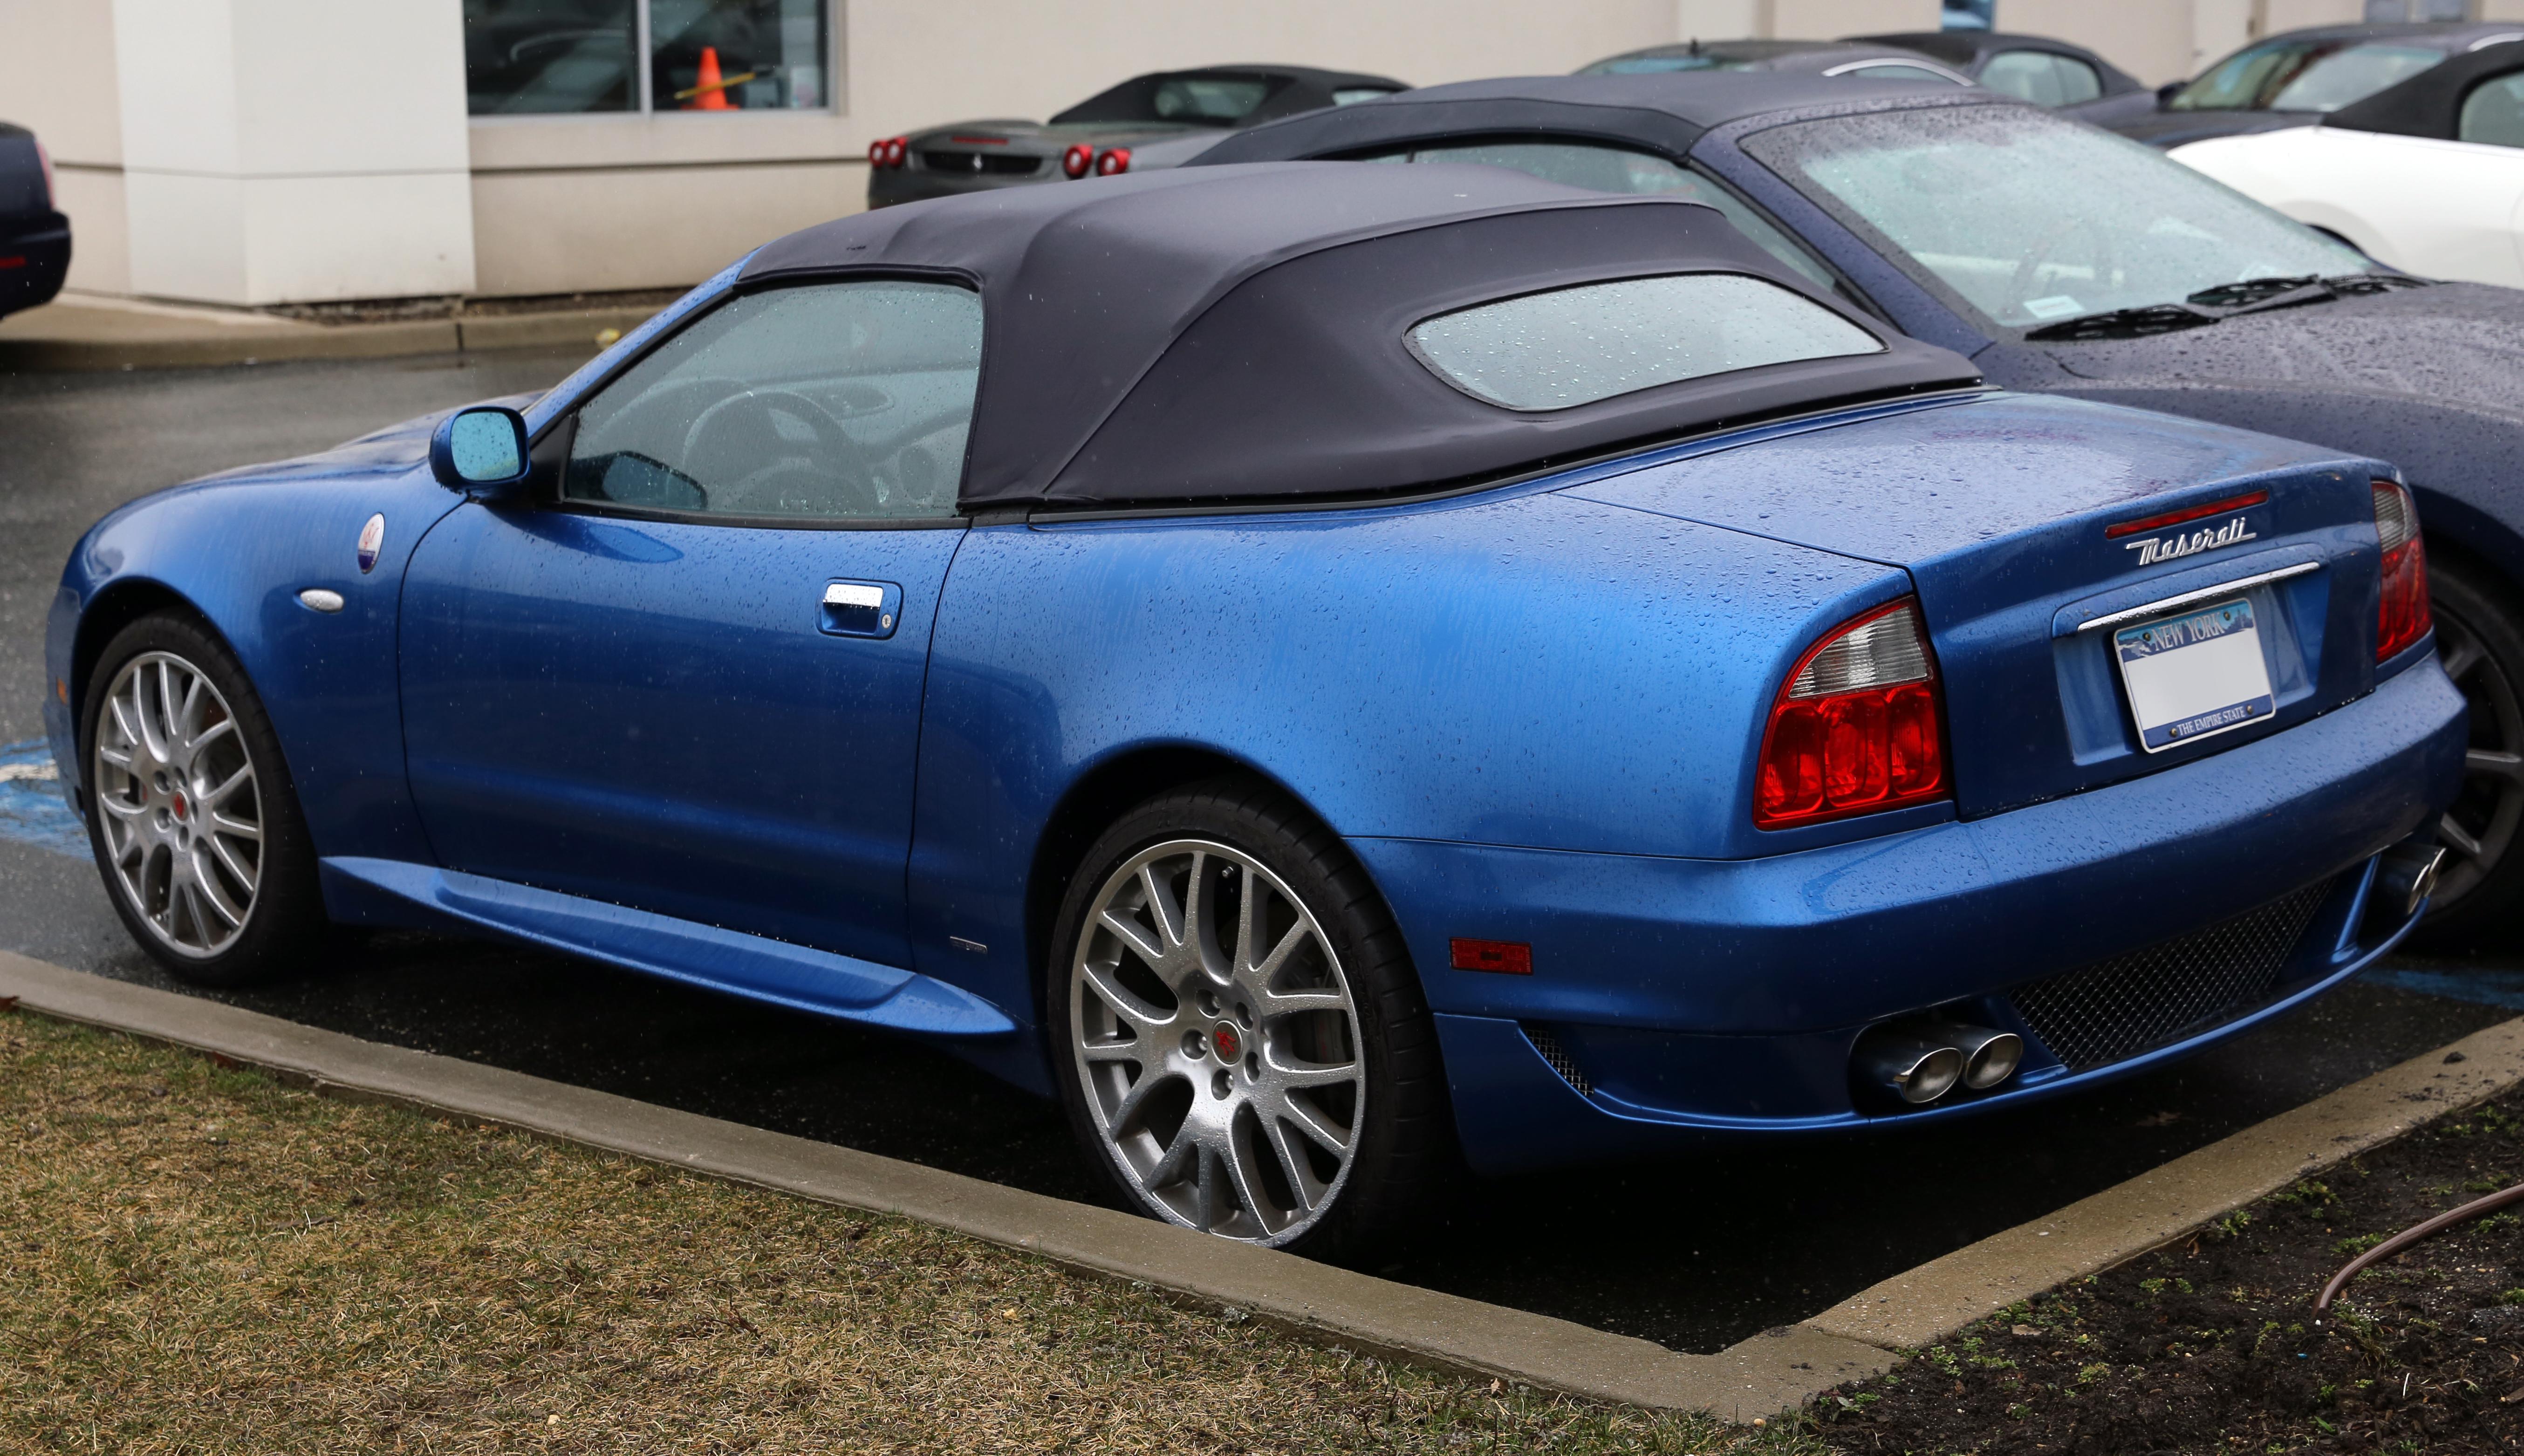 File:2005 Maserati Spyder 90th Anniversary, rear left.jpg ...